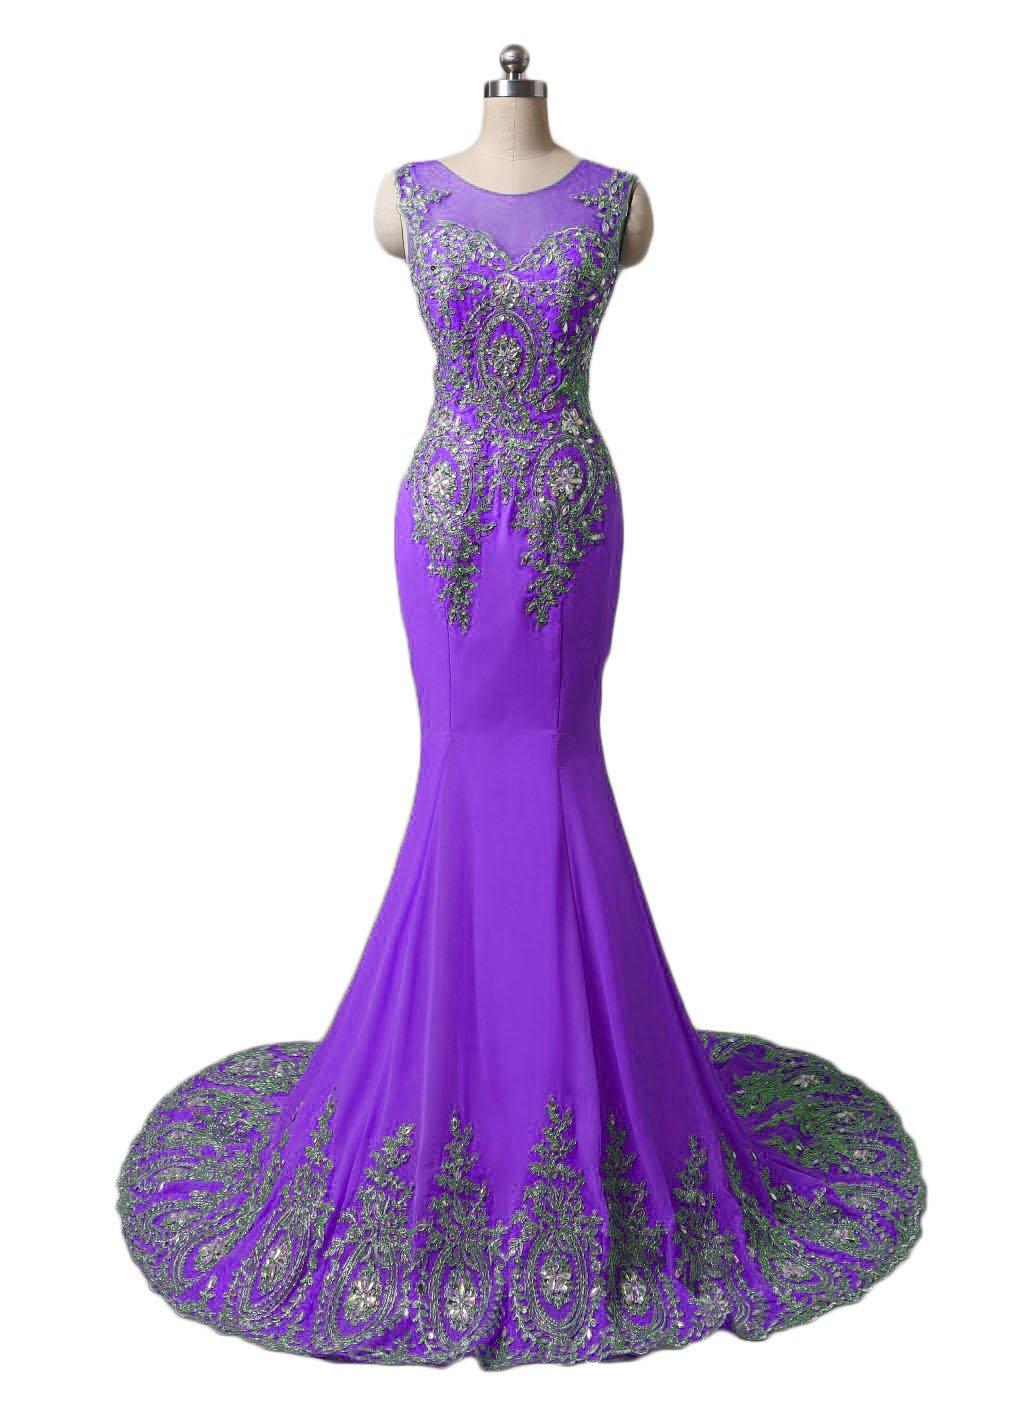 Dydsz Women's Evening Party Dresses Long Prom Dress Mermaid Beaded Gold Appliques D86 Purple 18 Plus